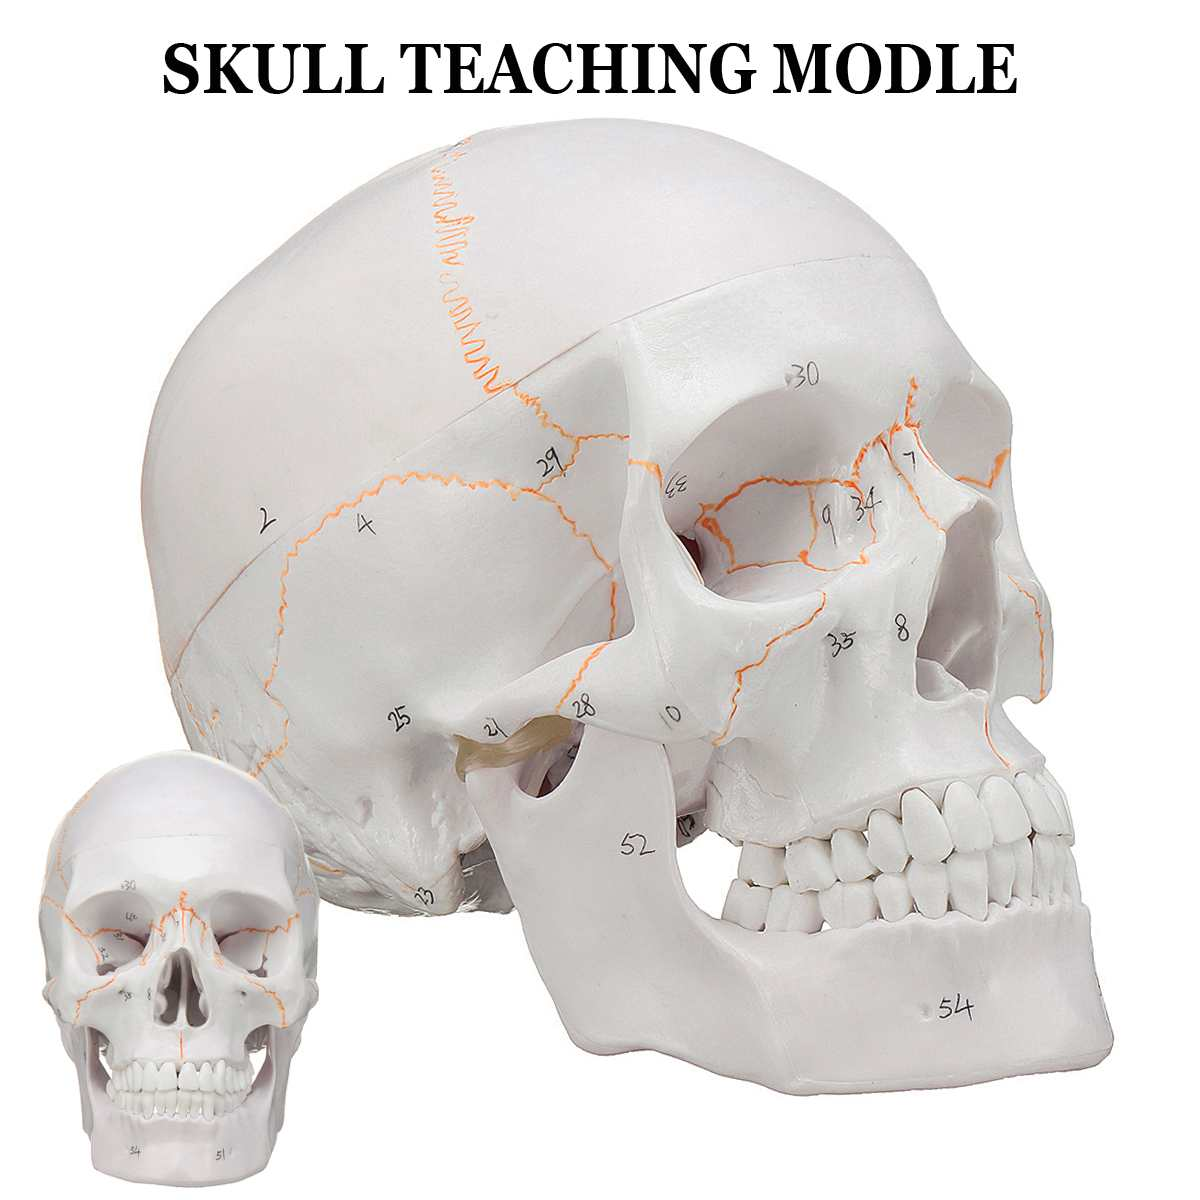 Head Skull Skeleton Model 1:1 Life-size Skull Medical Science for School Teaching Human Anatomy Precise Adult Head Medical ModelHead Skull Skeleton Model 1:1 Life-size Skull Medical Science for School Teaching Human Anatomy Precise Adult Head Medical Model